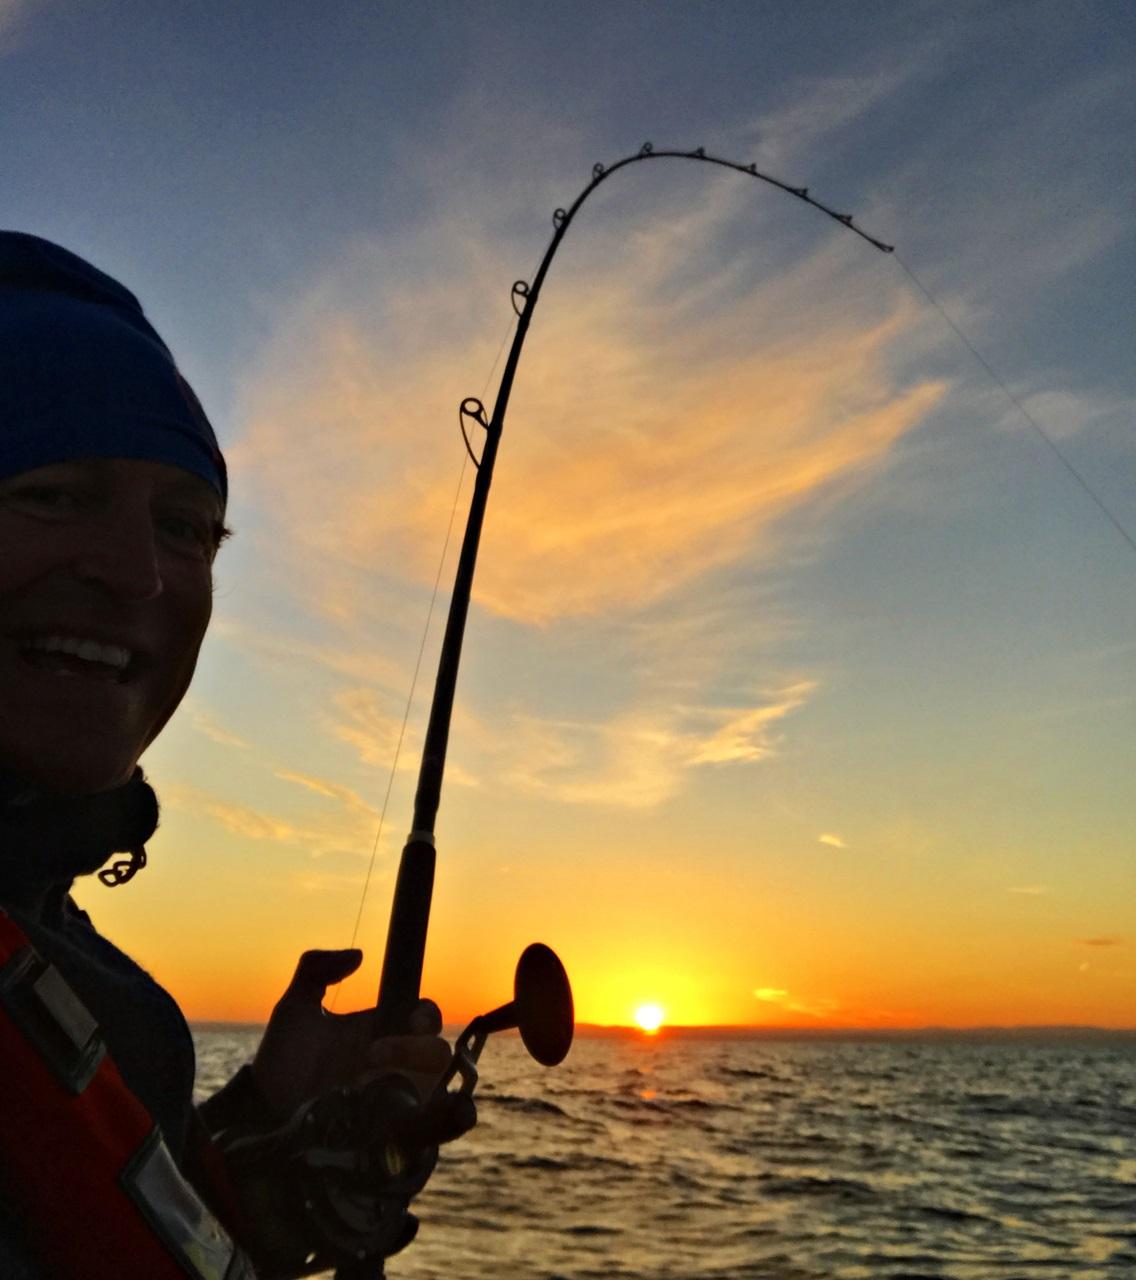 Herlig solnedgang med fisk i enden av stangen